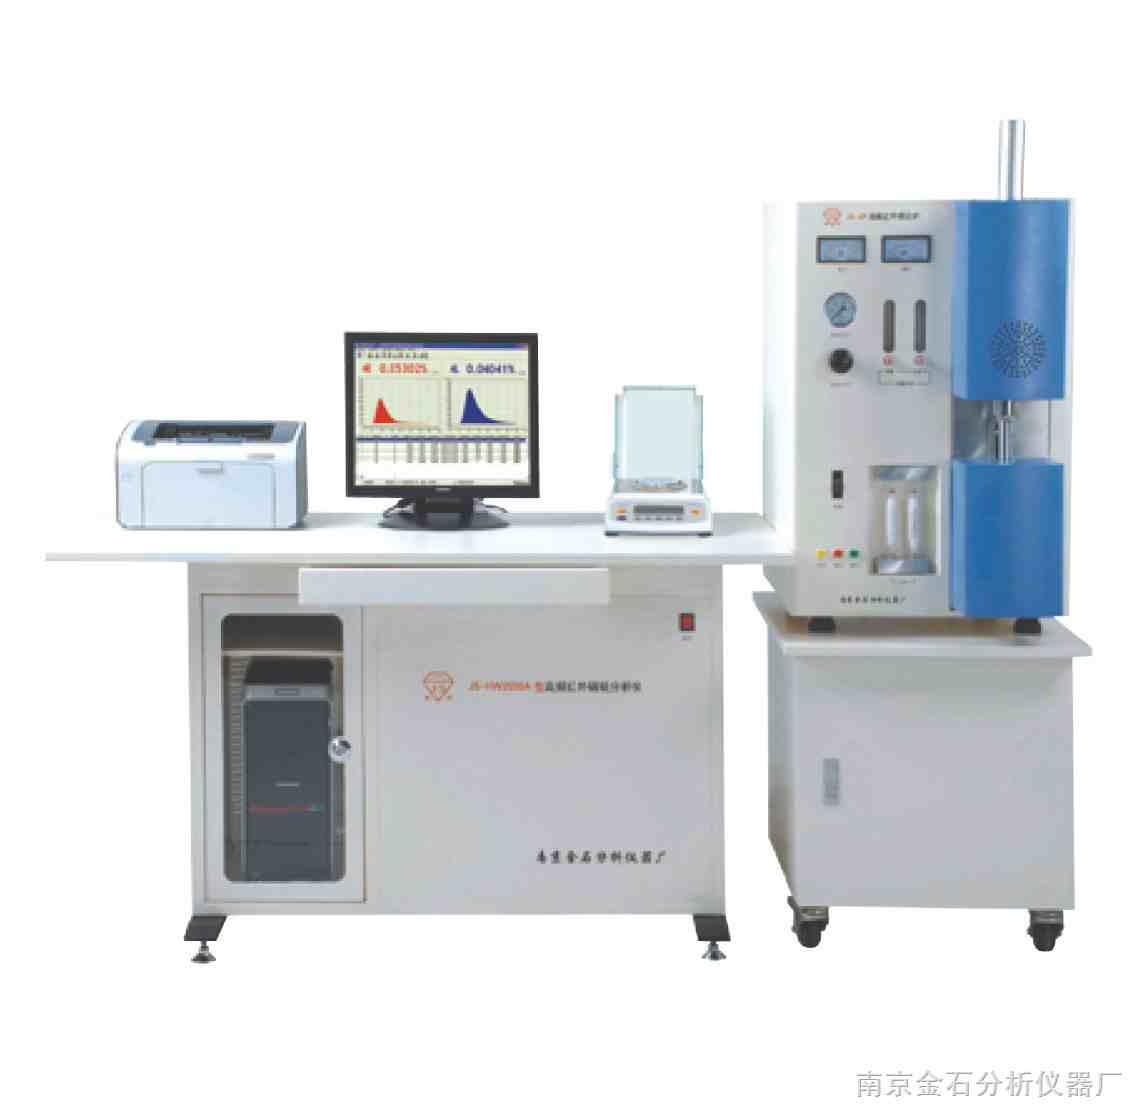 南京高频红外碳硫分析仪厂家,高频红外碳硫分析仪价格